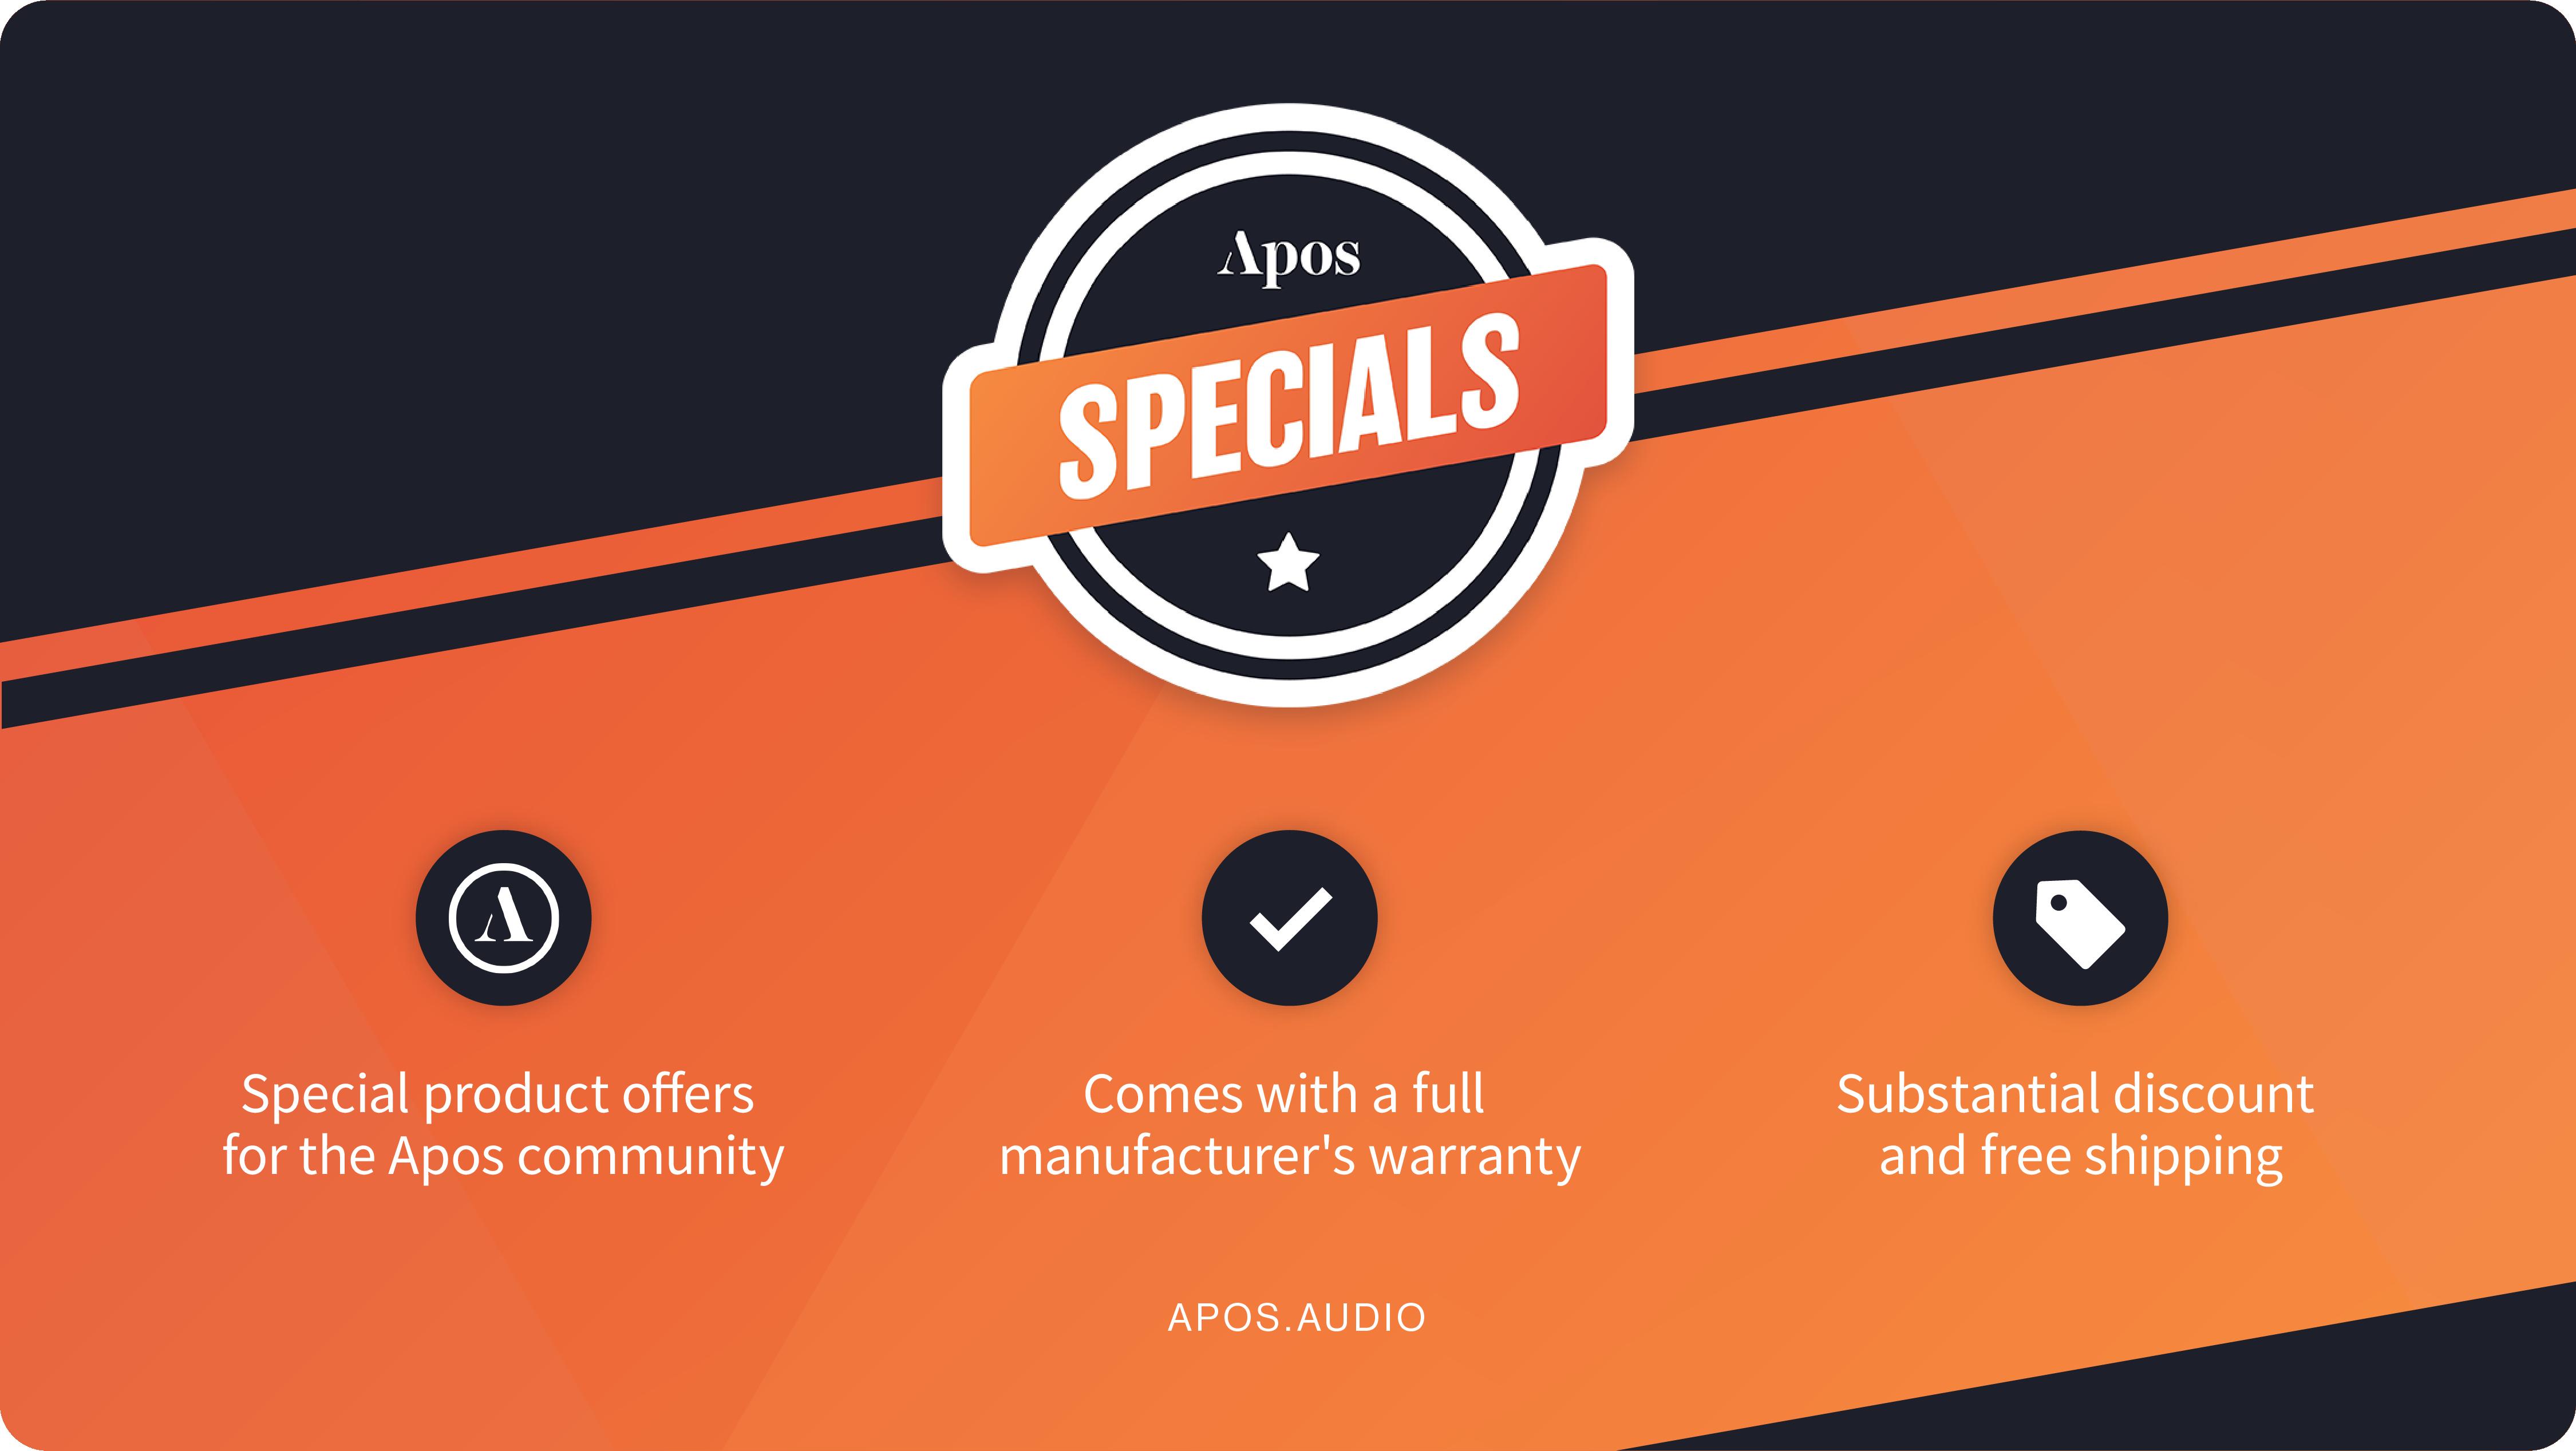 Apos Specials